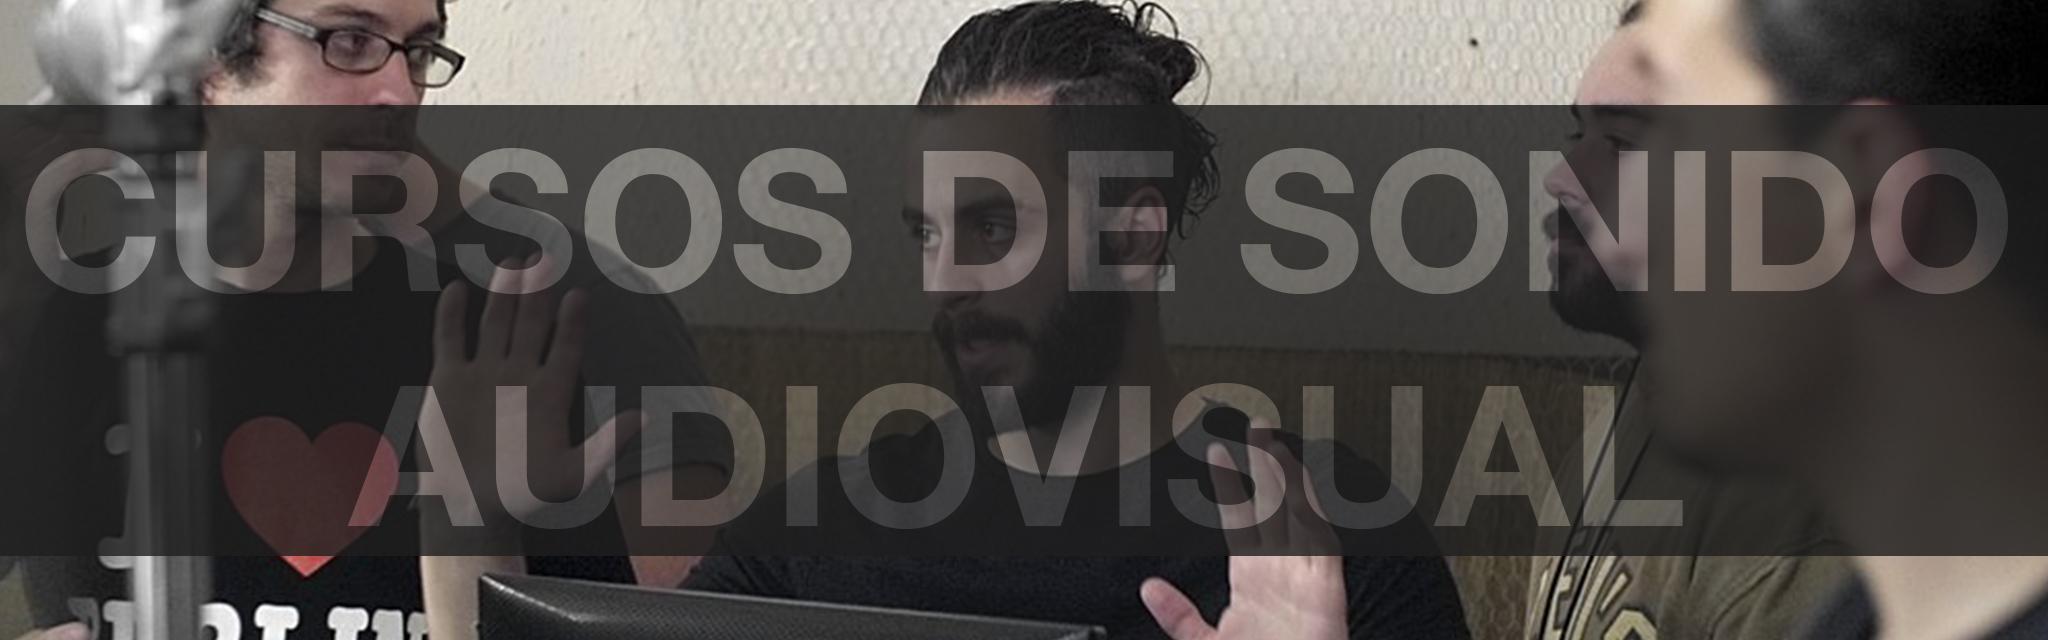 Cursos de tecnico de sonido directo audiovisual en barcelona, post producción audiovisual para cine, televisión y publicidad en Barcelona